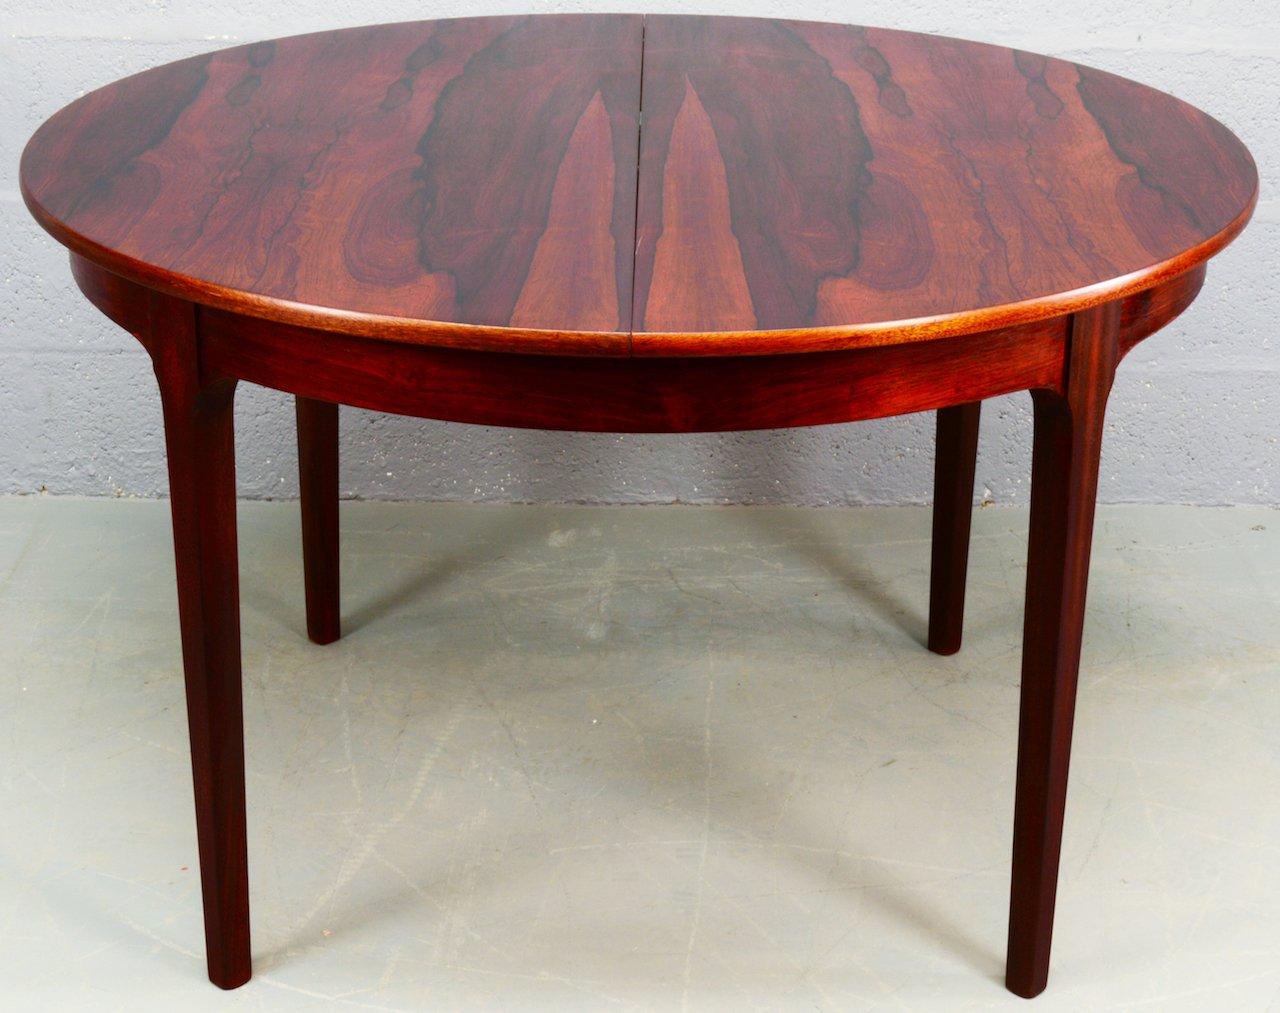 ausziehbarer runder mid century palisander esstisch von nathan bei pamono kaufen. Black Bedroom Furniture Sets. Home Design Ideas